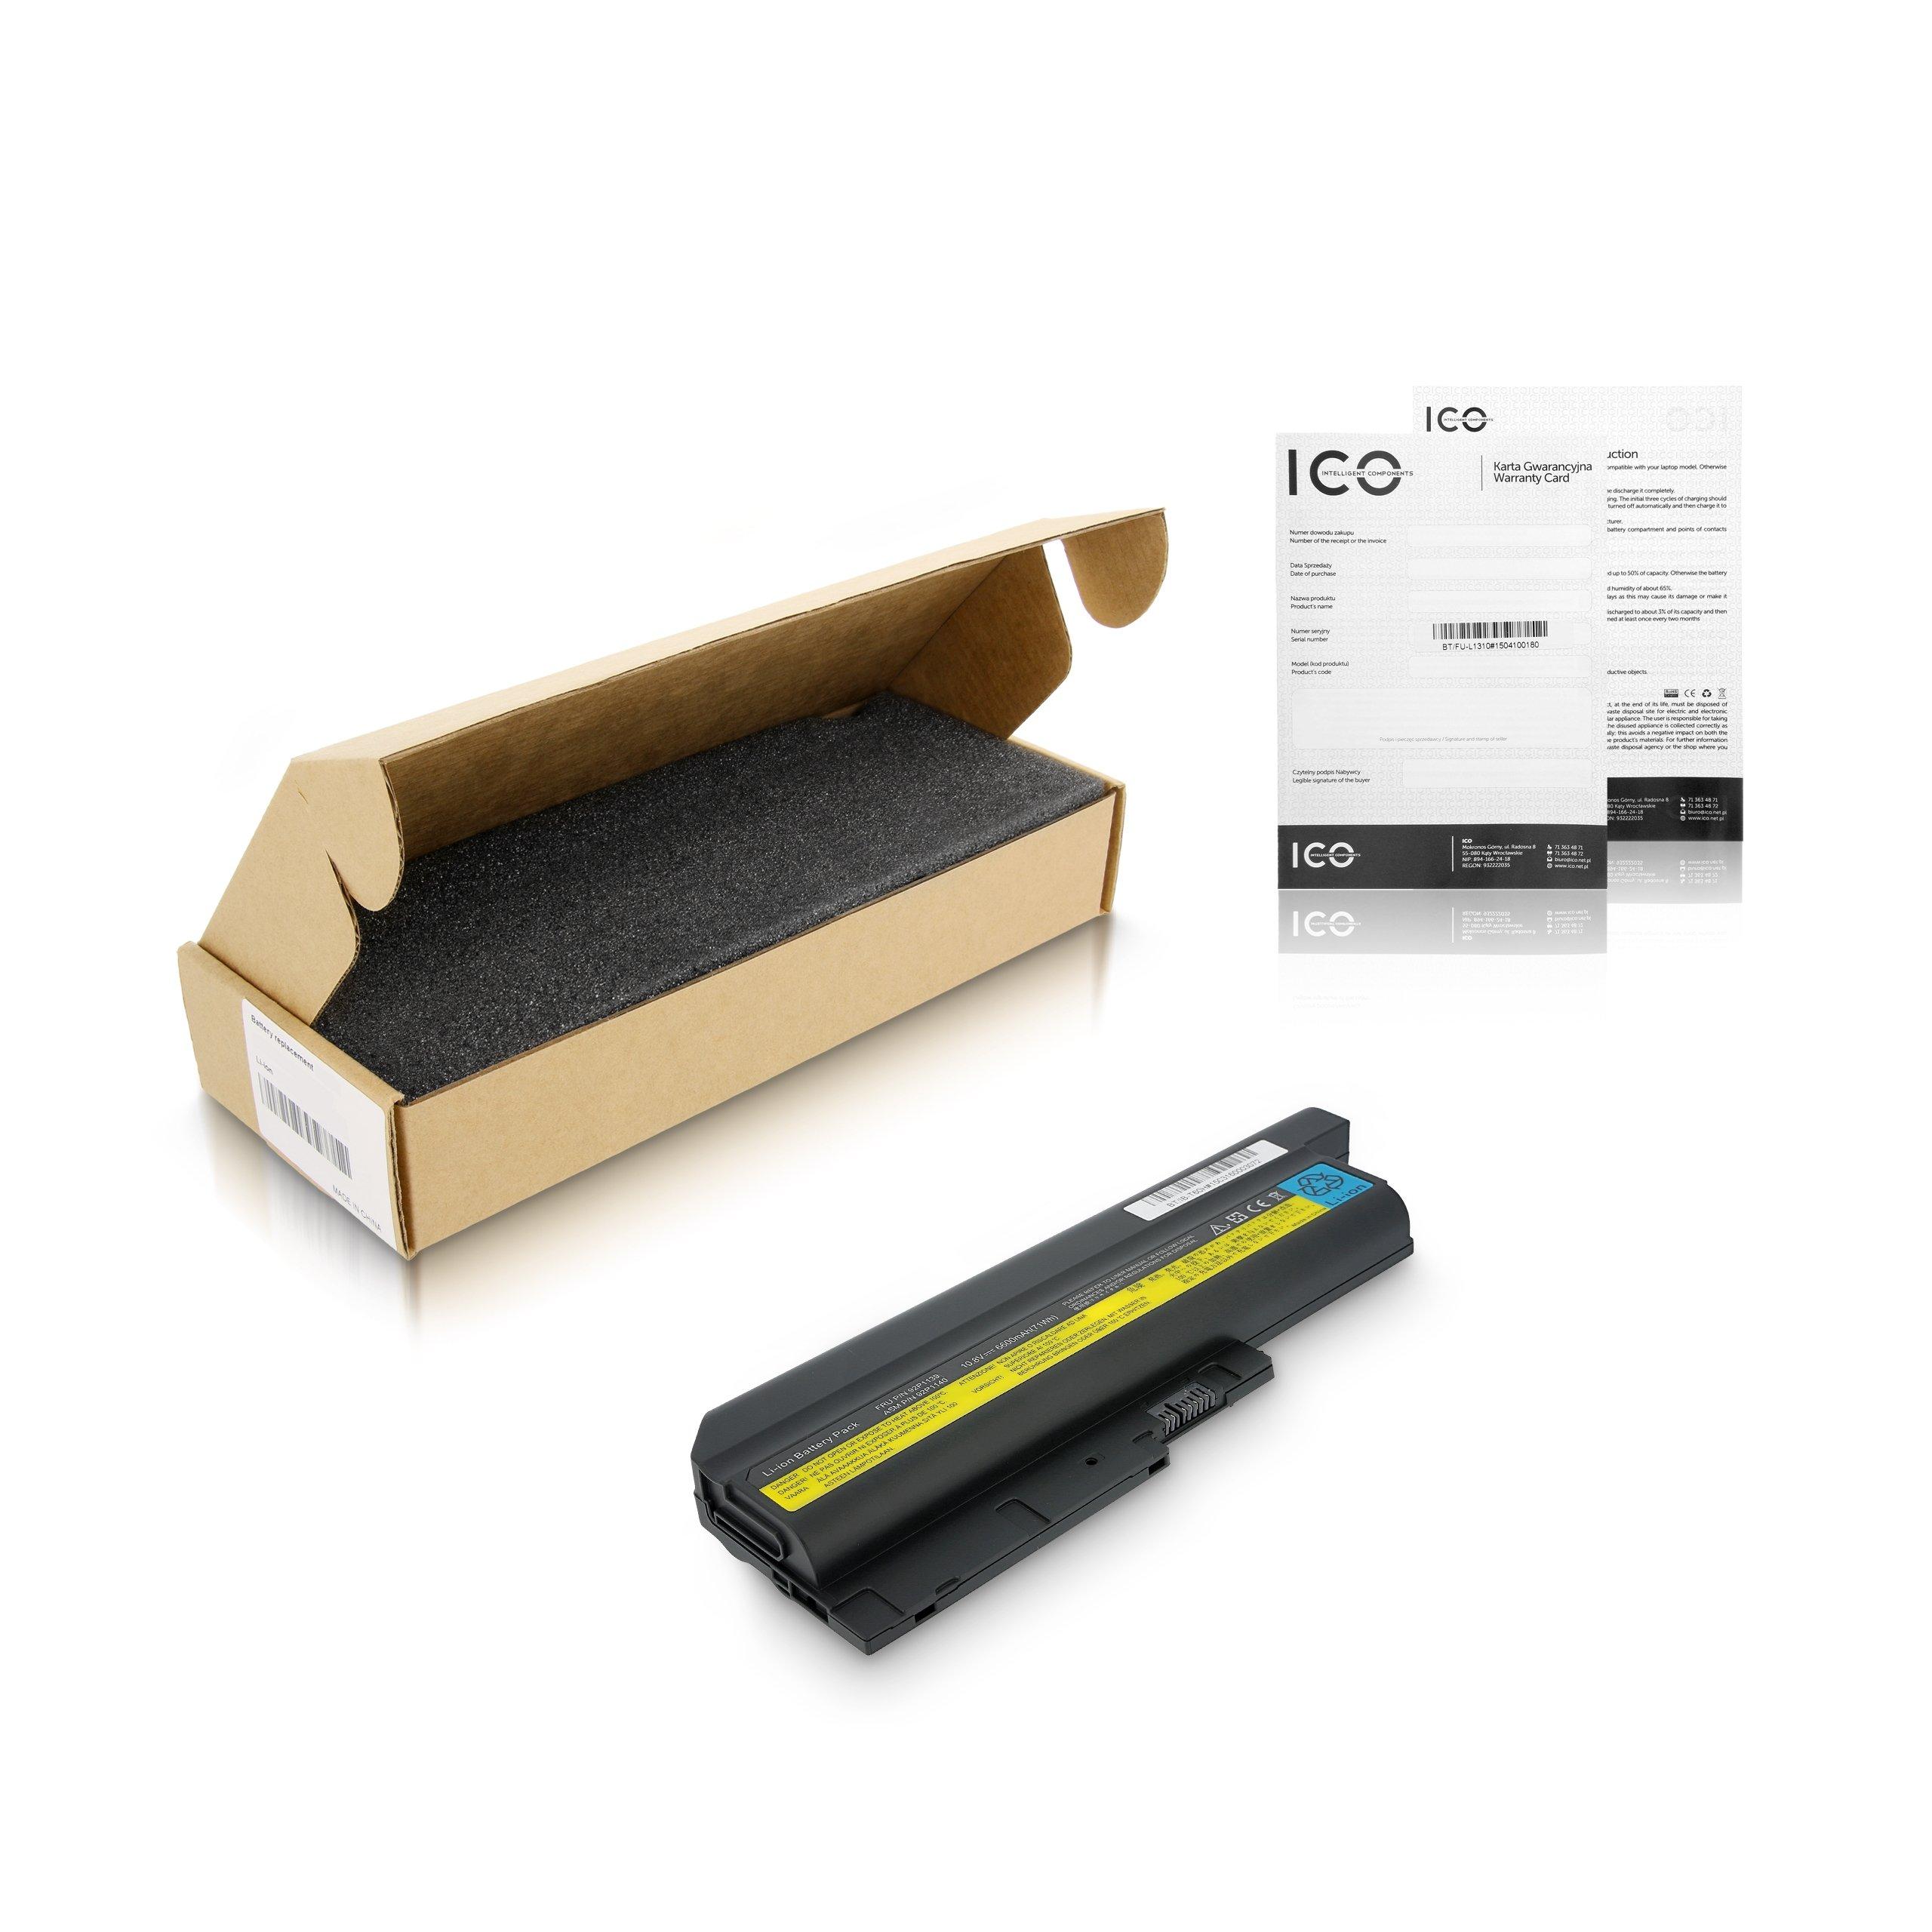 Bateria Lenovo Thinkpad T60p 8742,6600mAh,FV